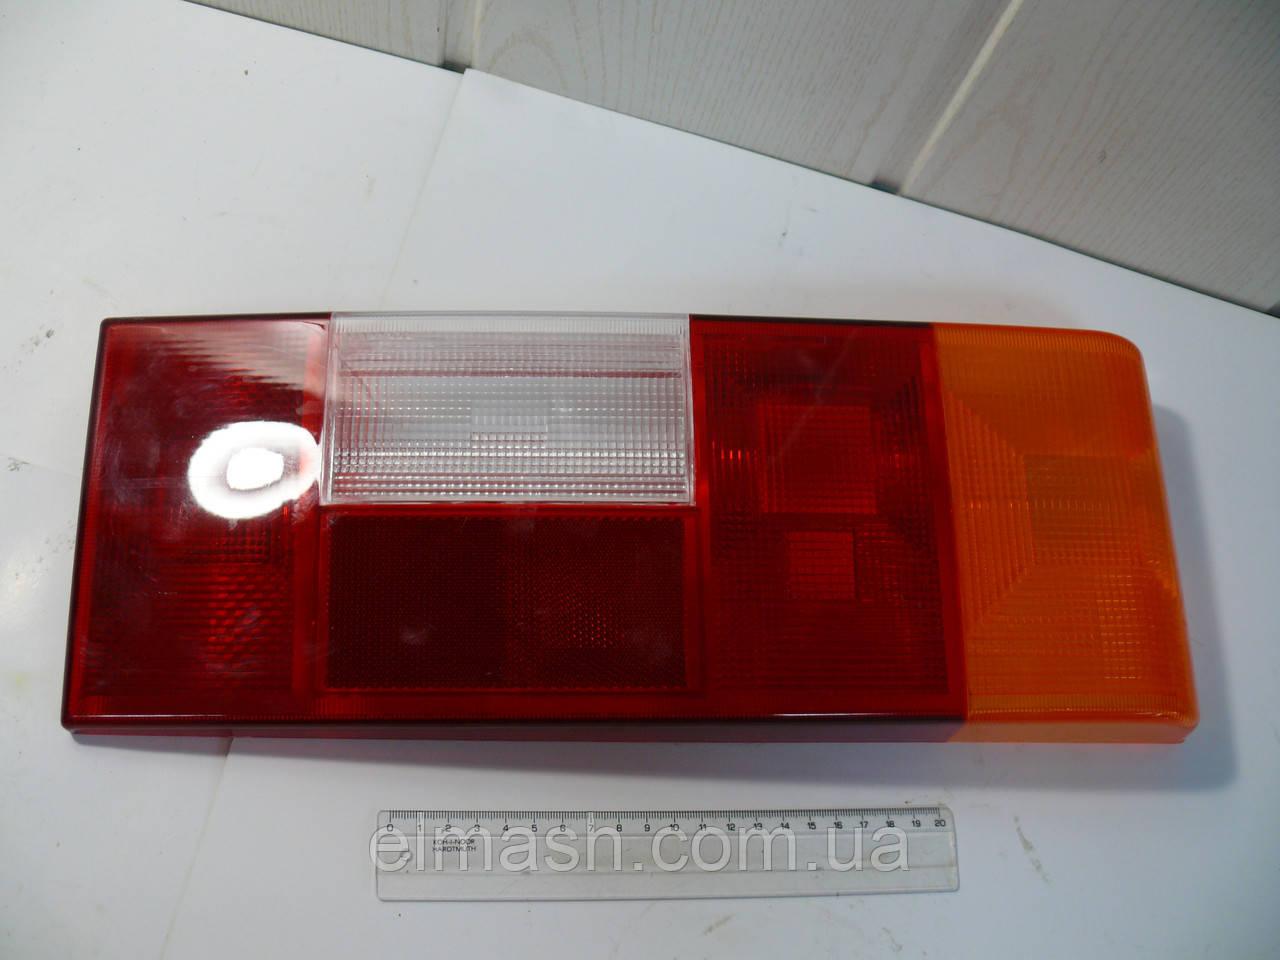 Скло заднього правого ліхтаря ВАЗ 2108 (пр-під Туреччина)